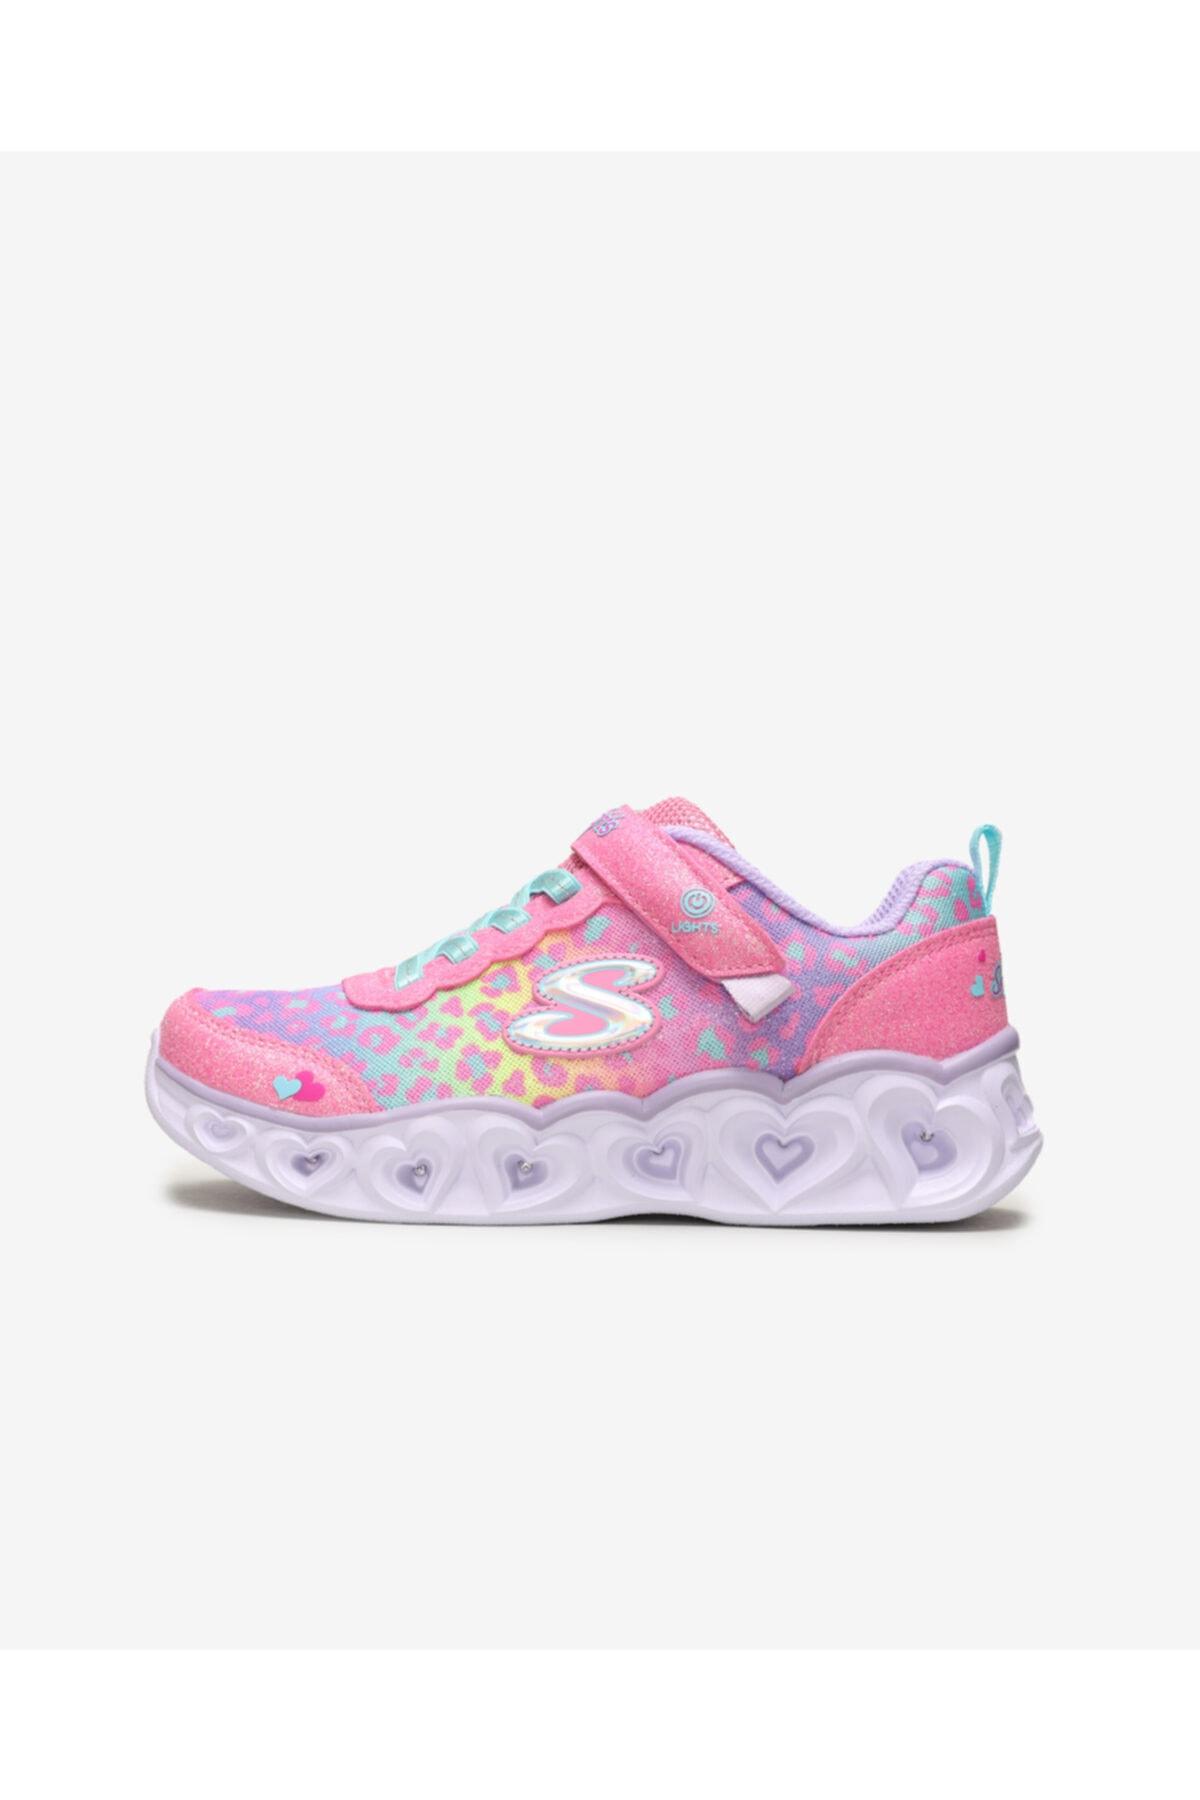 SKECHERS HEART LIGHTS Büyük Kız Çocuk Pembe Spor Ayakkabı 1